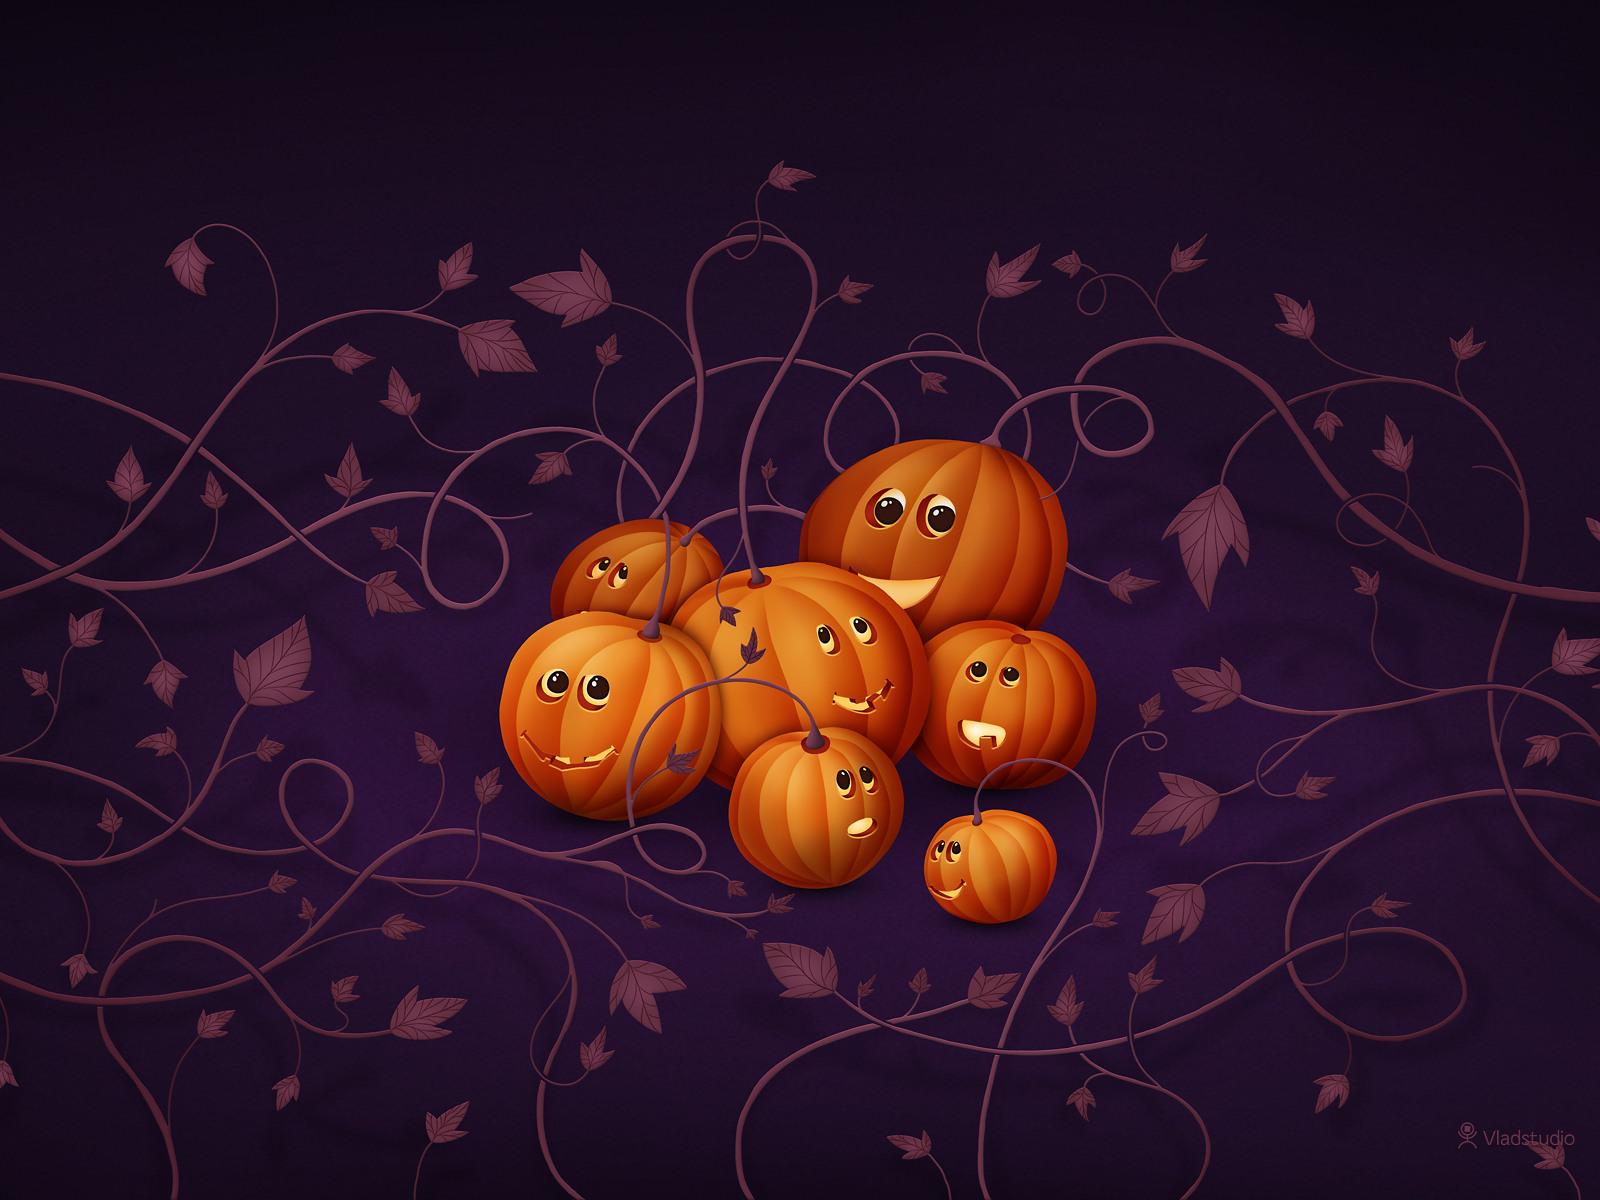 Where Pumpkins Are Born by vladstudio